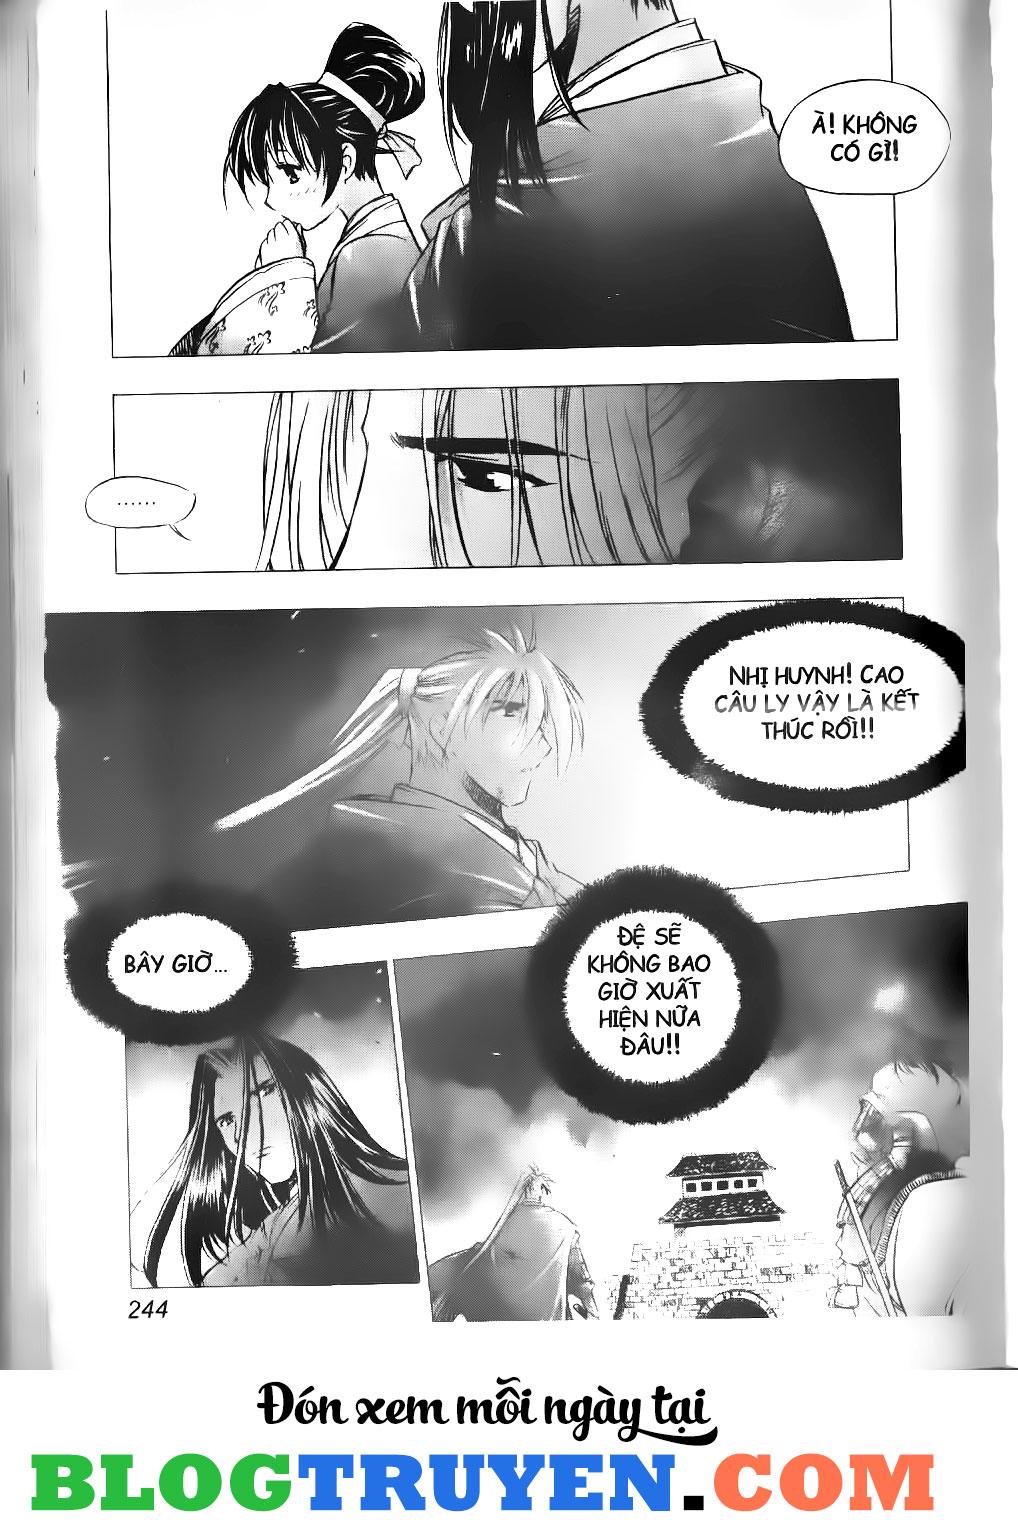 Thiên Lang Liệt Truyện chap 123 – Kết thúc Trang 13 - Mangak.info